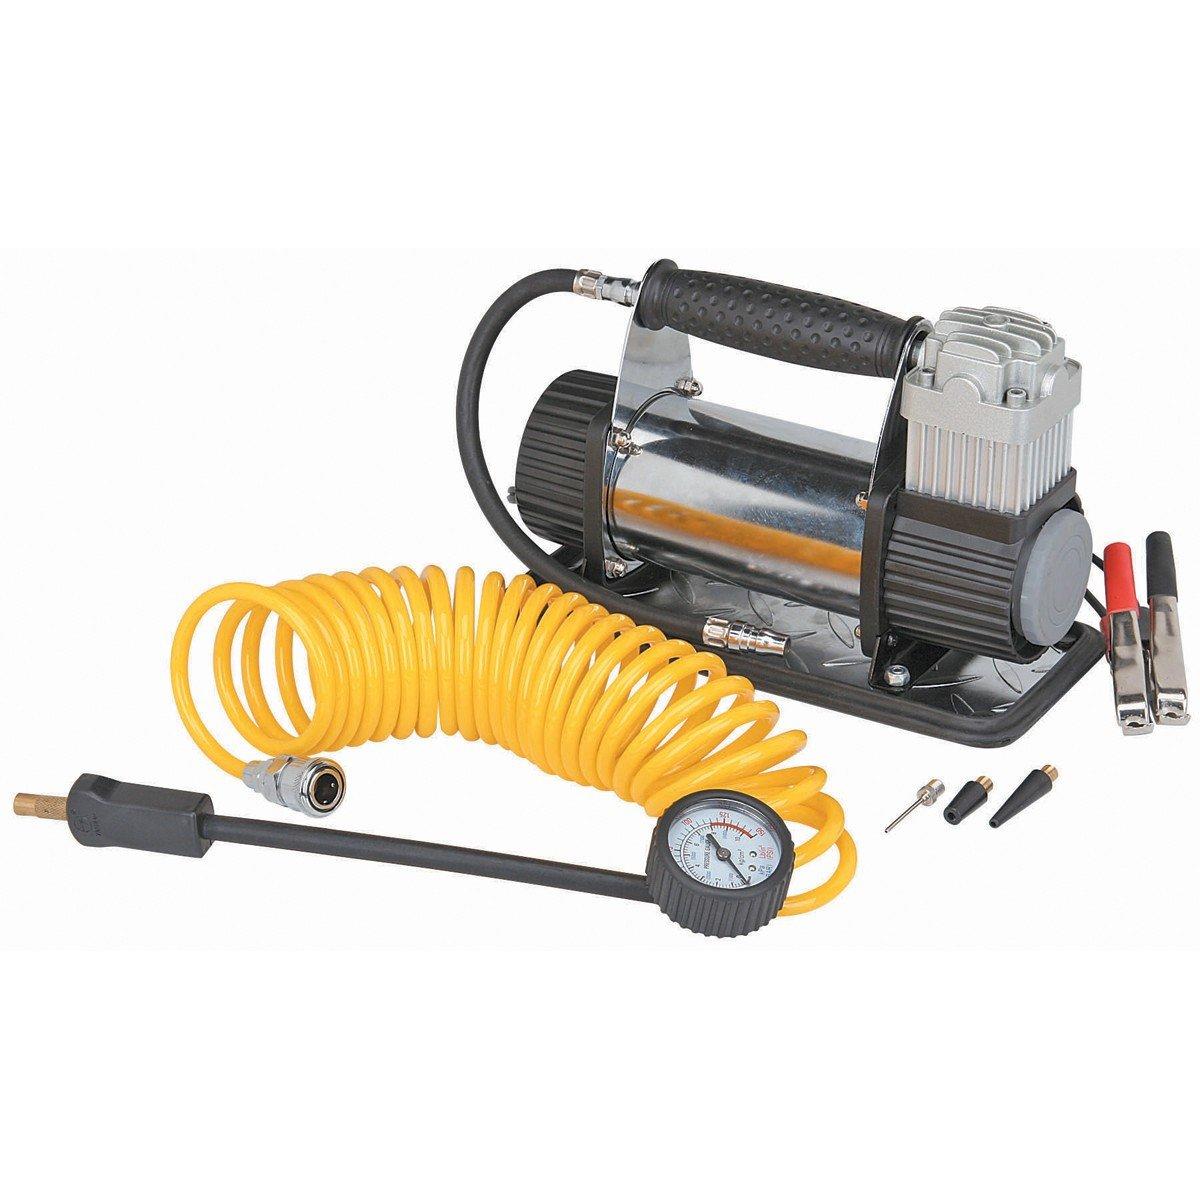 12Volt 150 PSI Compact Air Compressor ToolsNMore